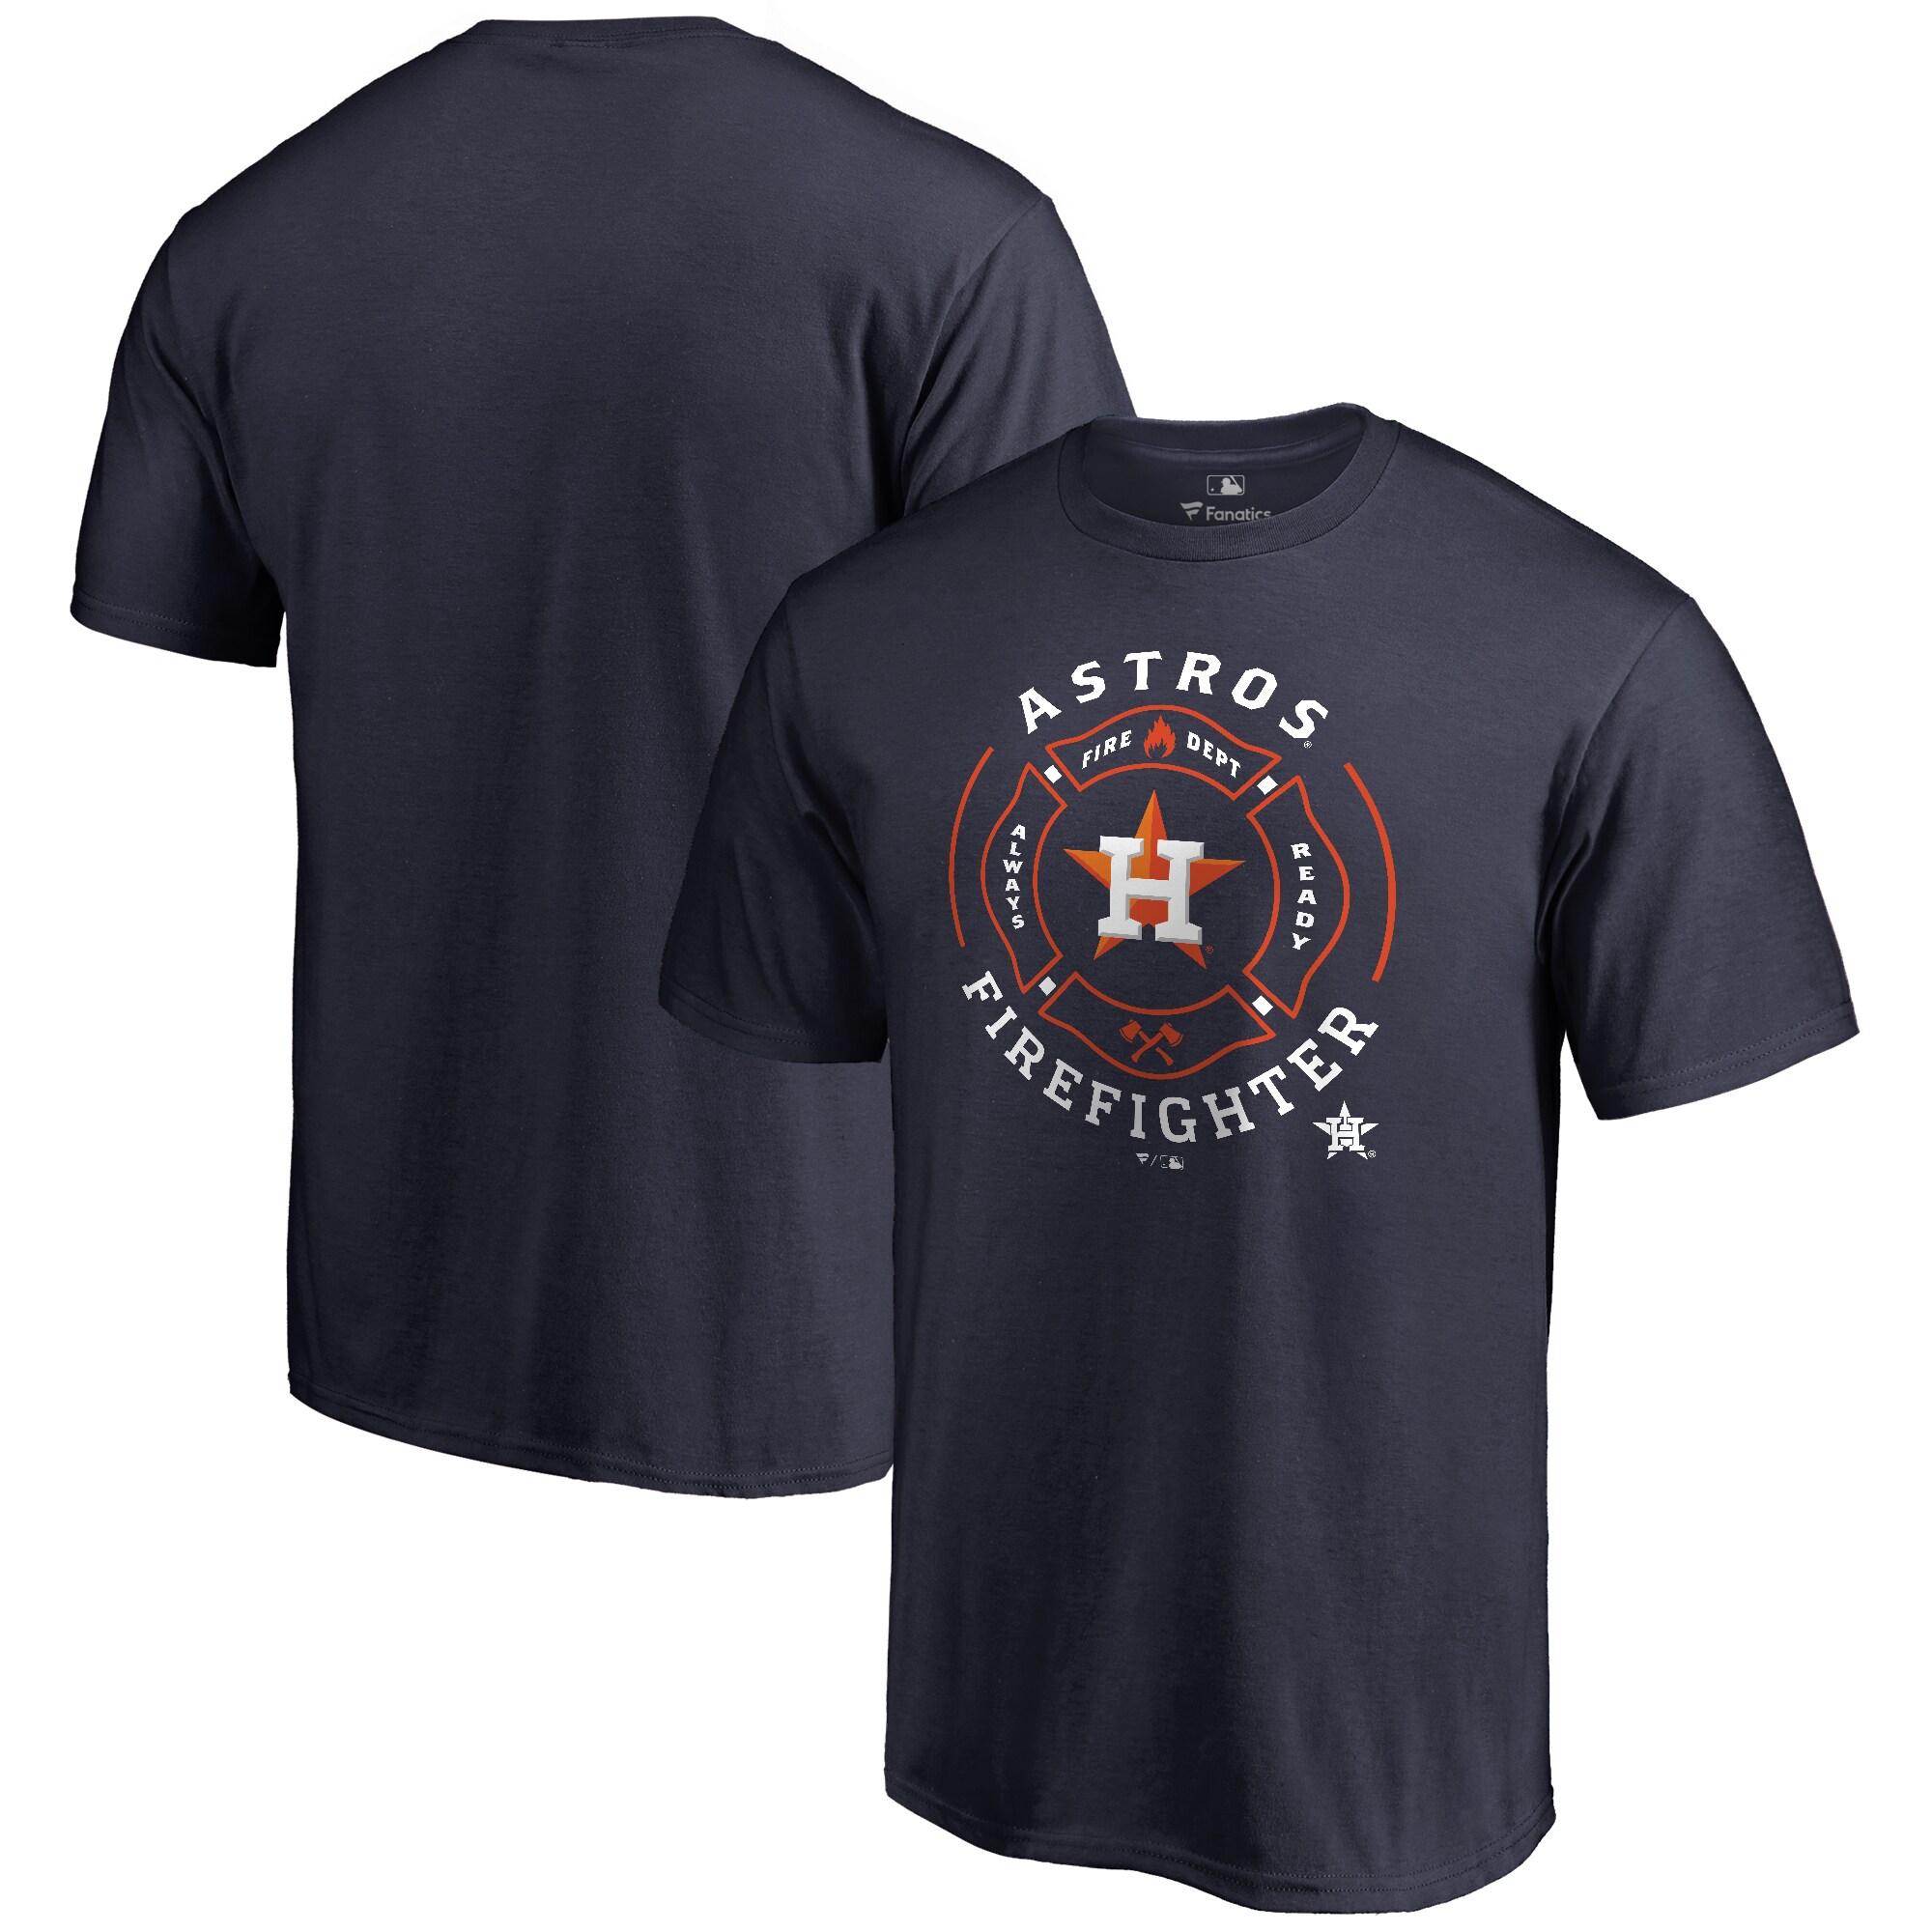 Houston Astros Firefighter T-Shirt - Navy